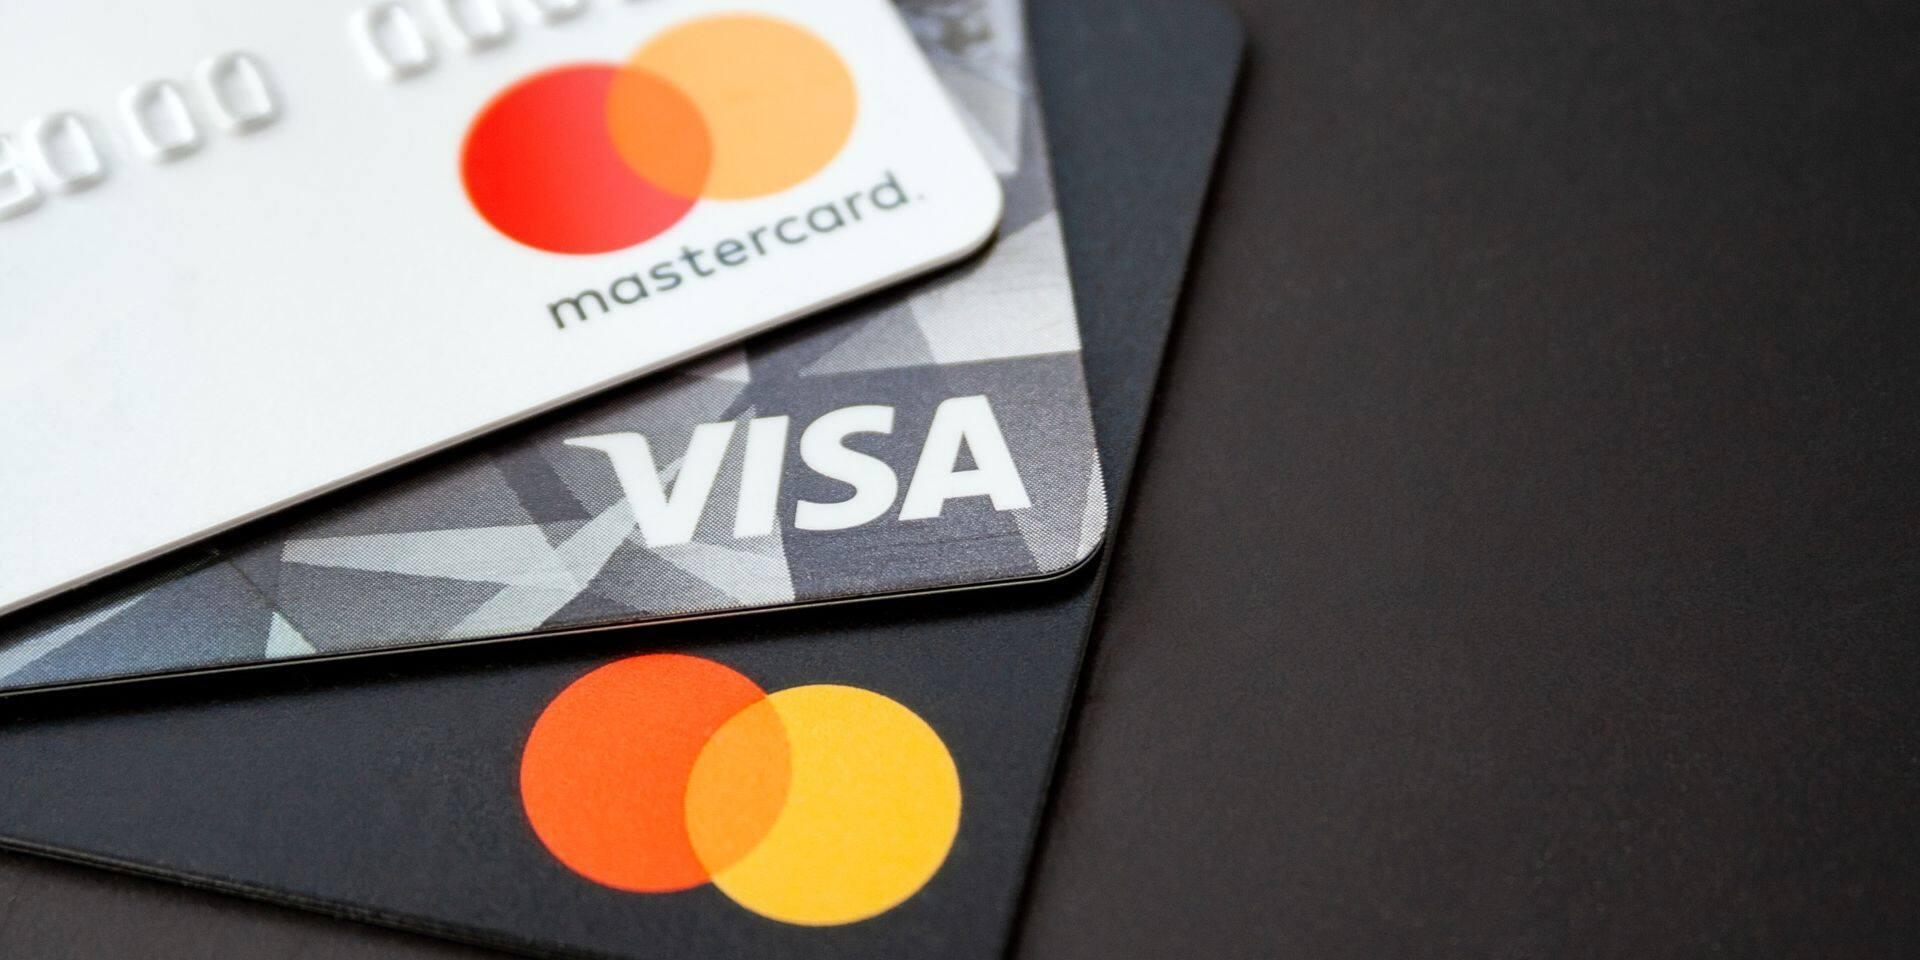 Bancontact, Maestro, cartes de crédit : plusieurs moyens de paiement seront indisponibles ce week-end